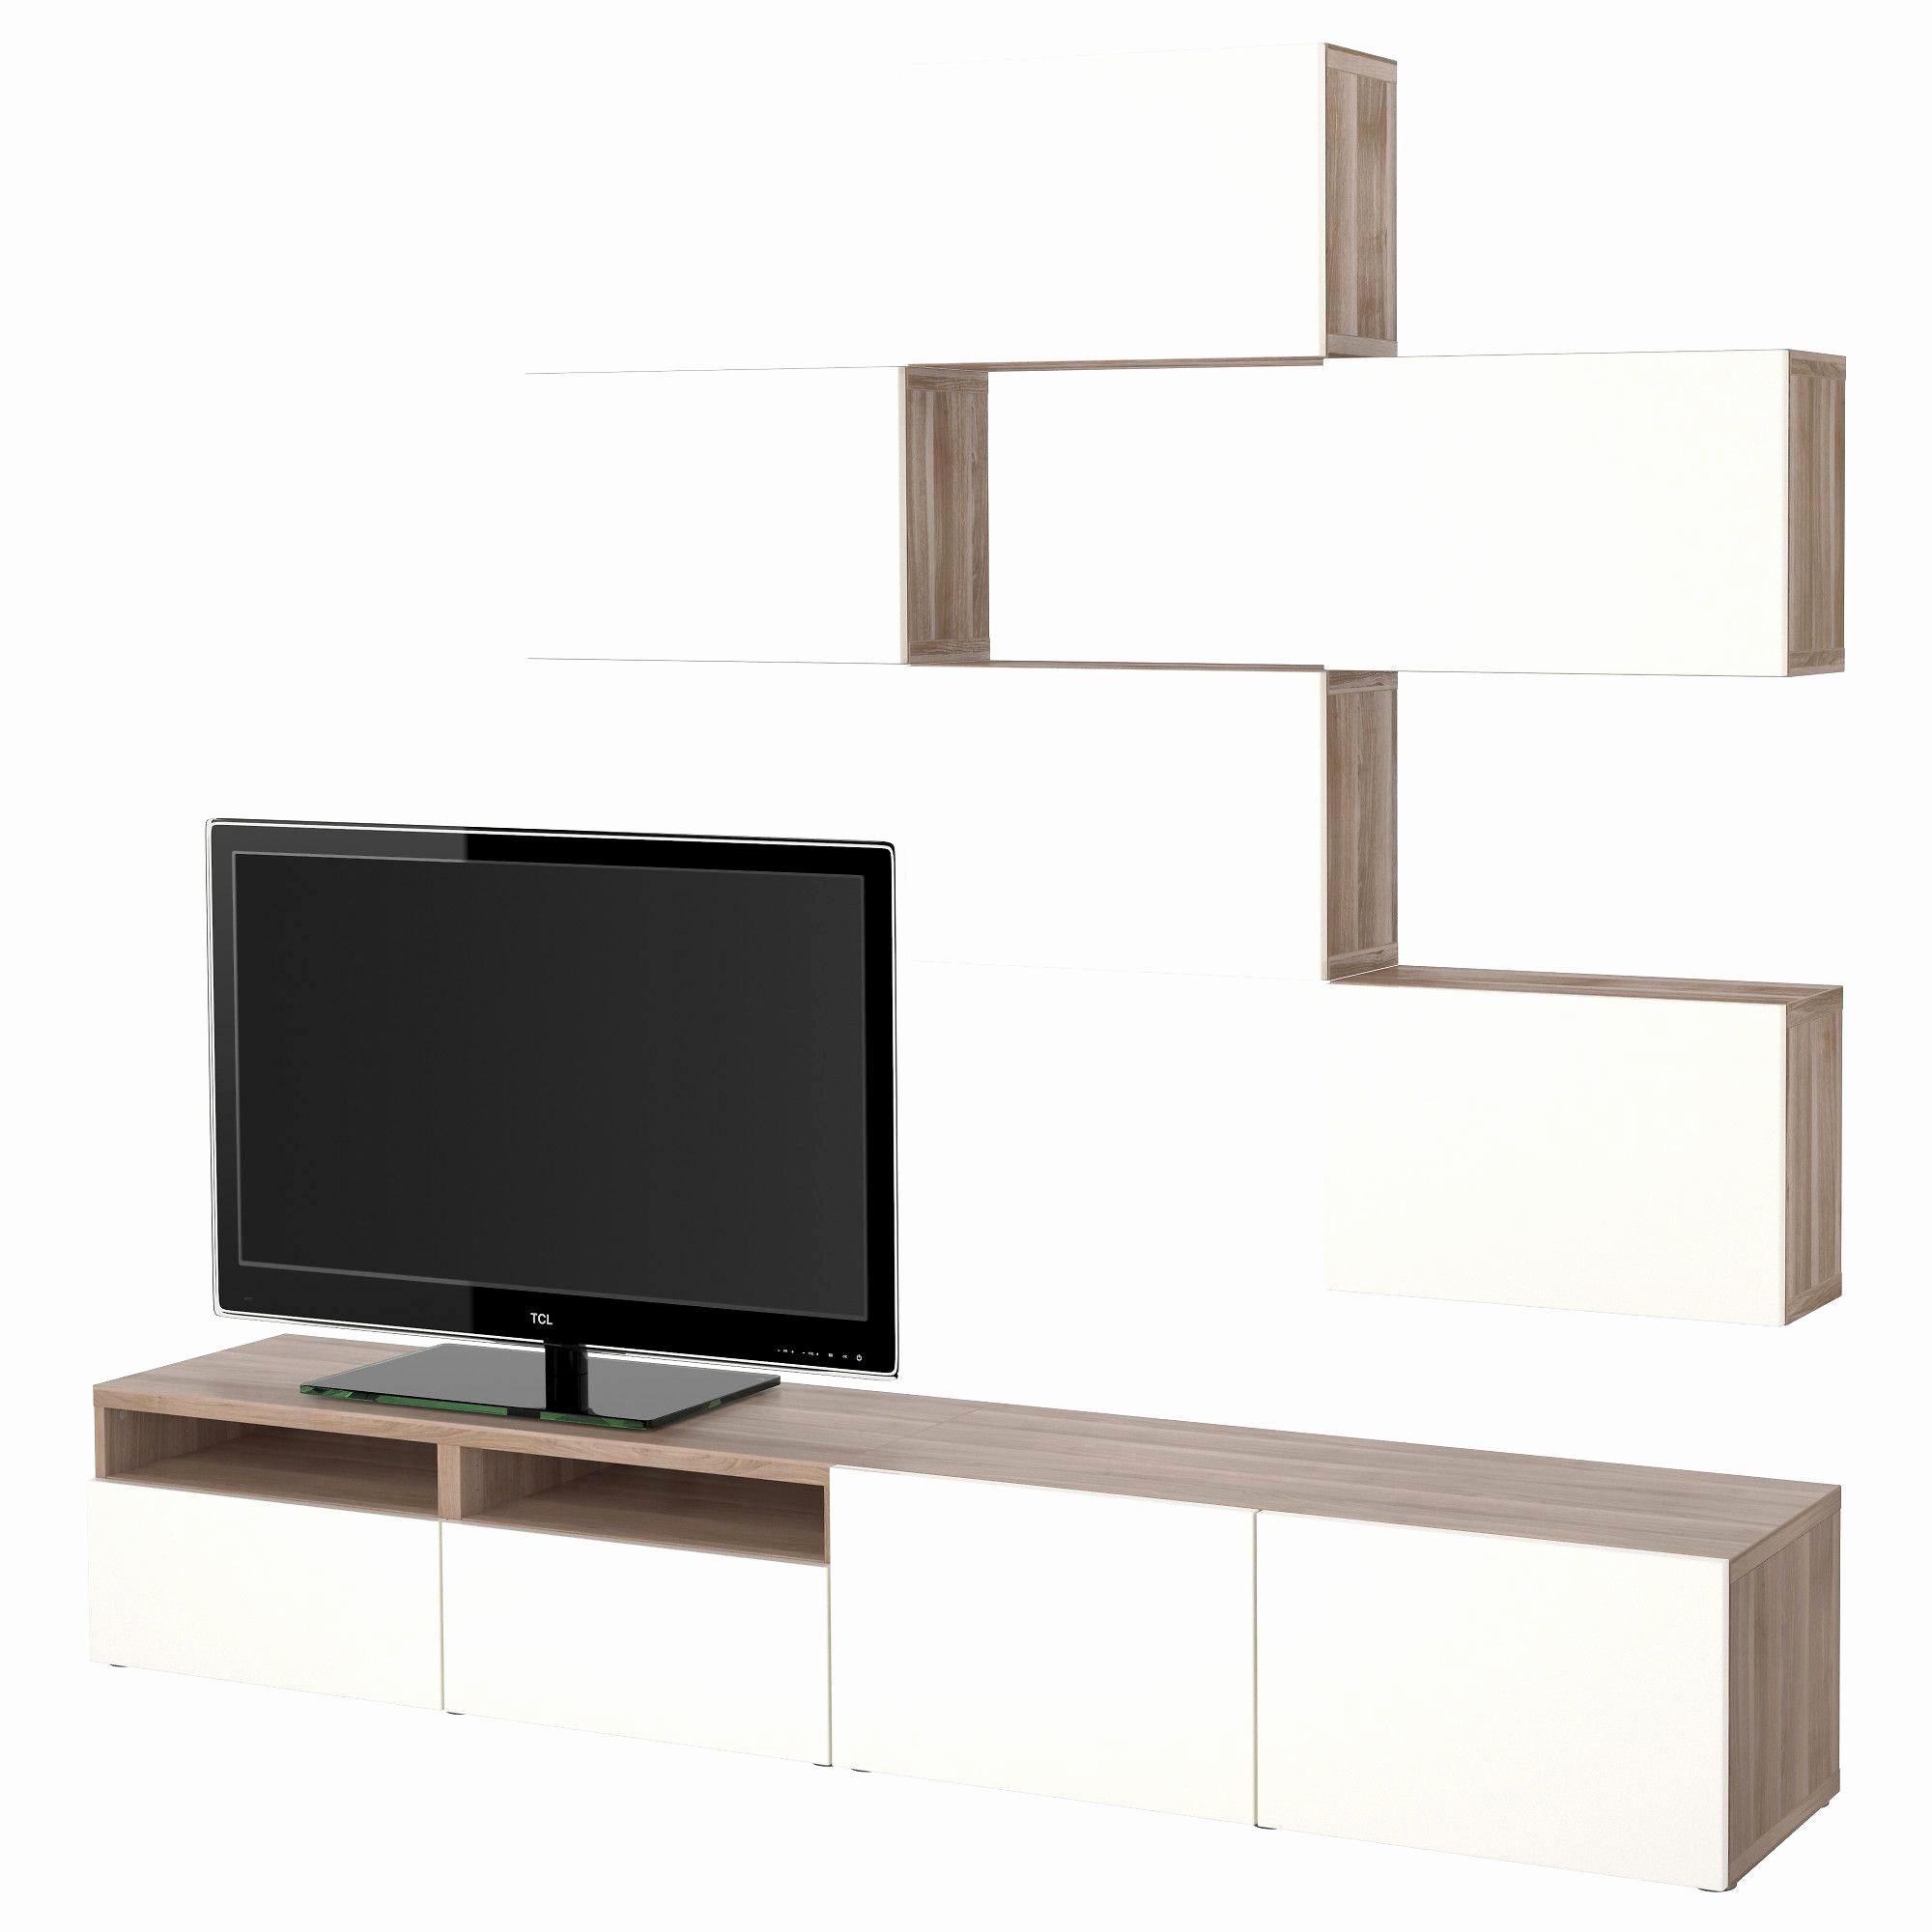 Meuble De Tv Pivotant - intérieur Meuble Tv 300 Cm Conforama